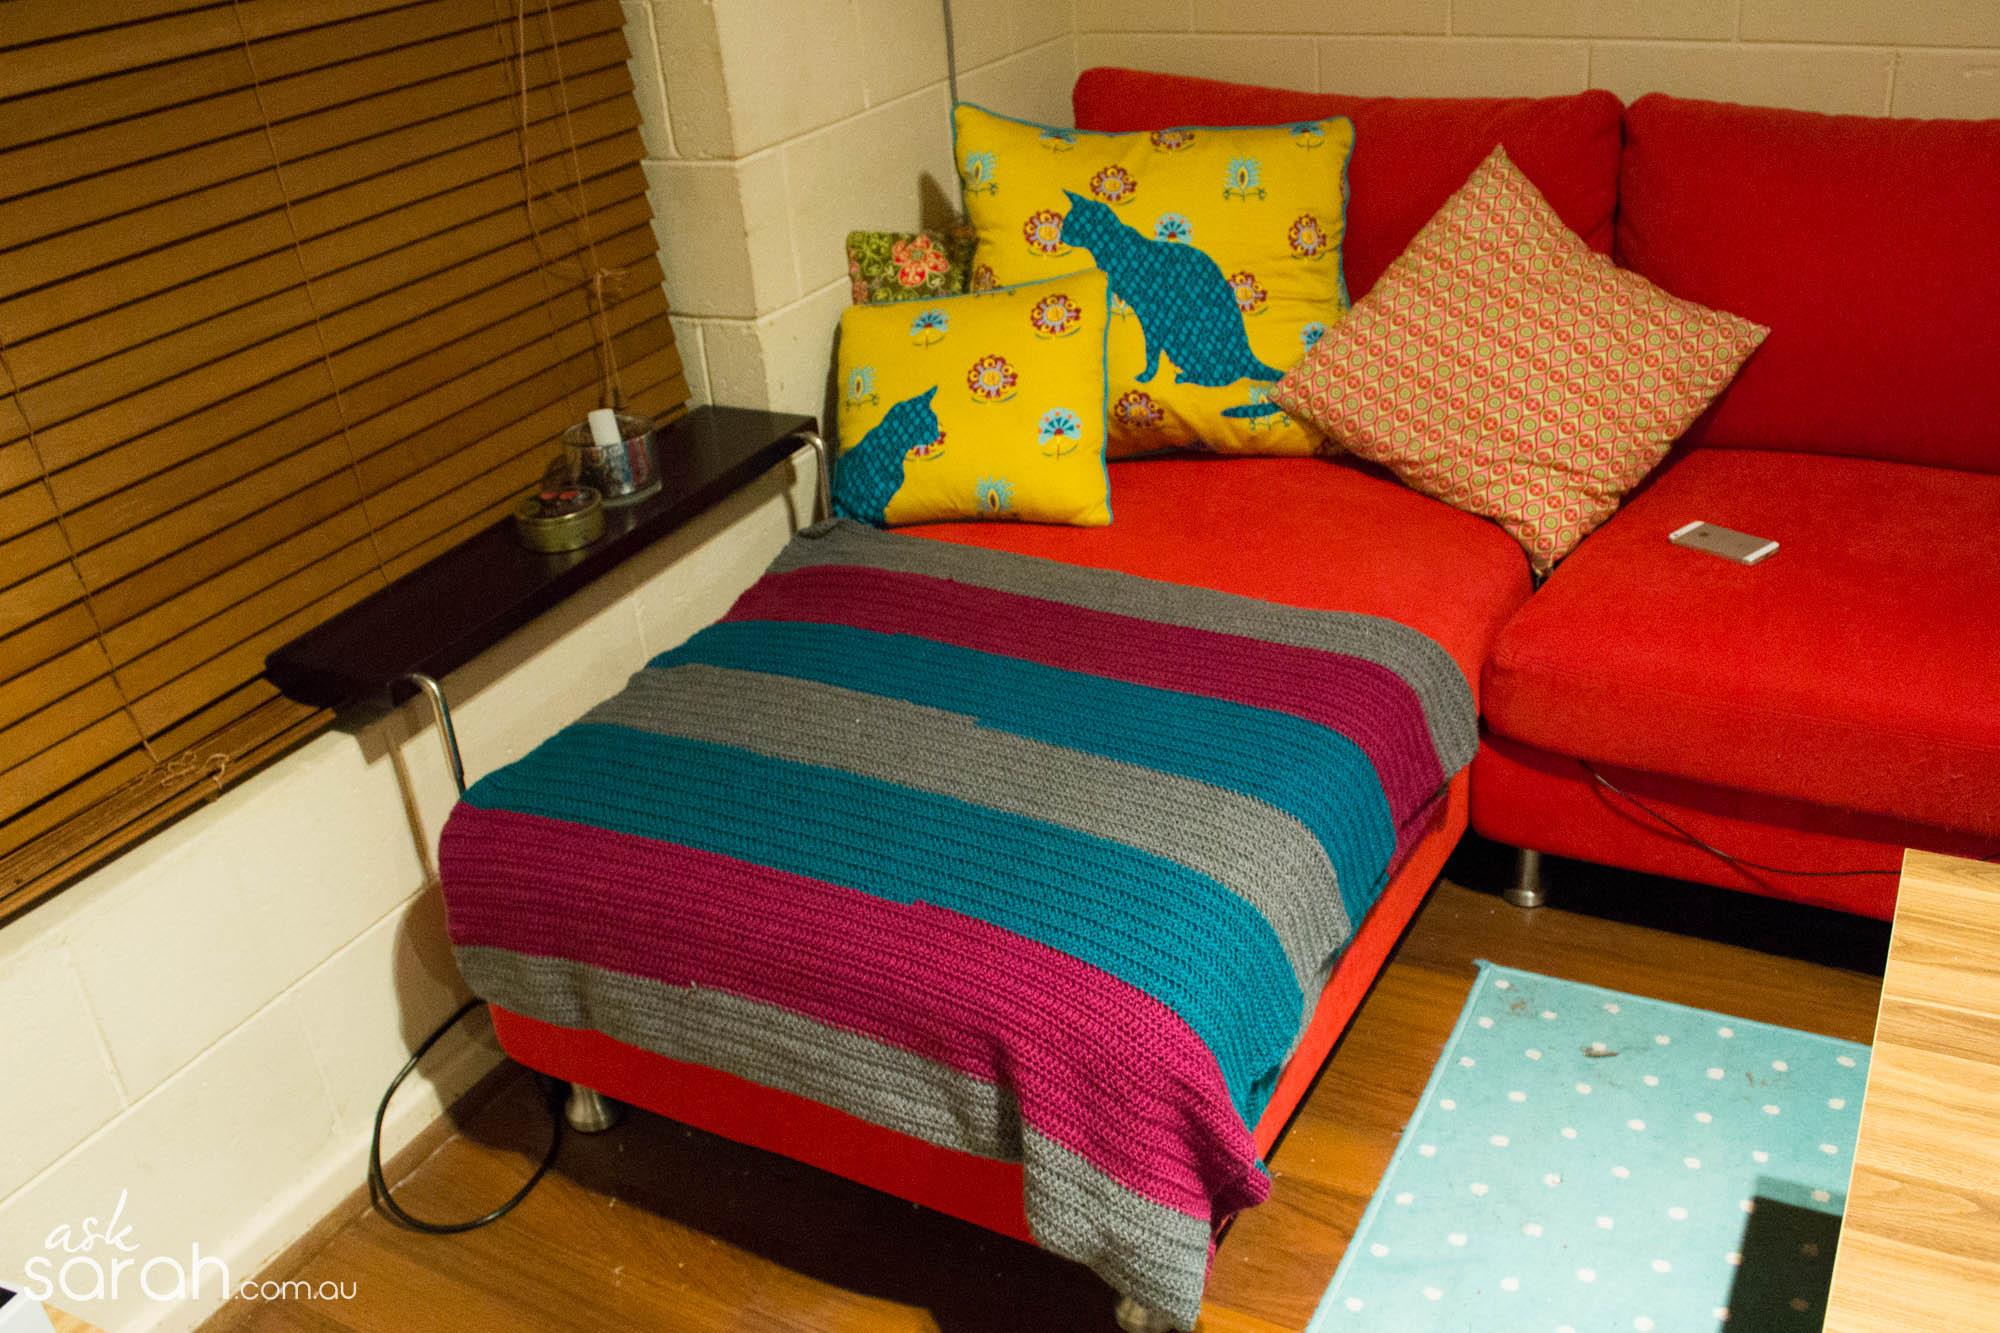 Make: Super Cool Crochet Blanket